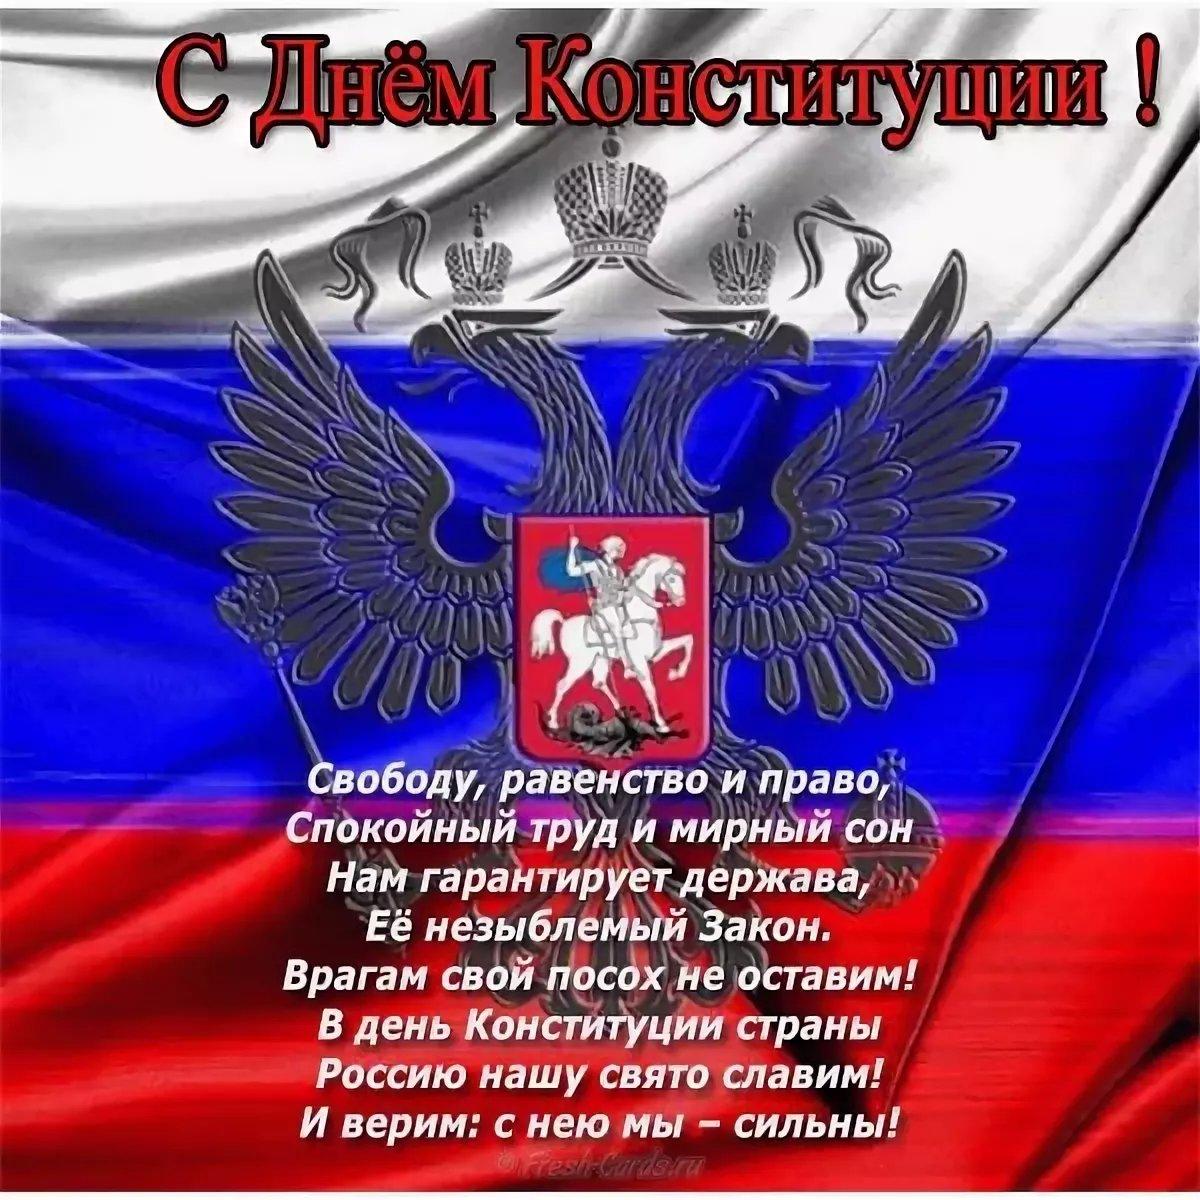 Поздравительная открытка к дню конституции, открытка